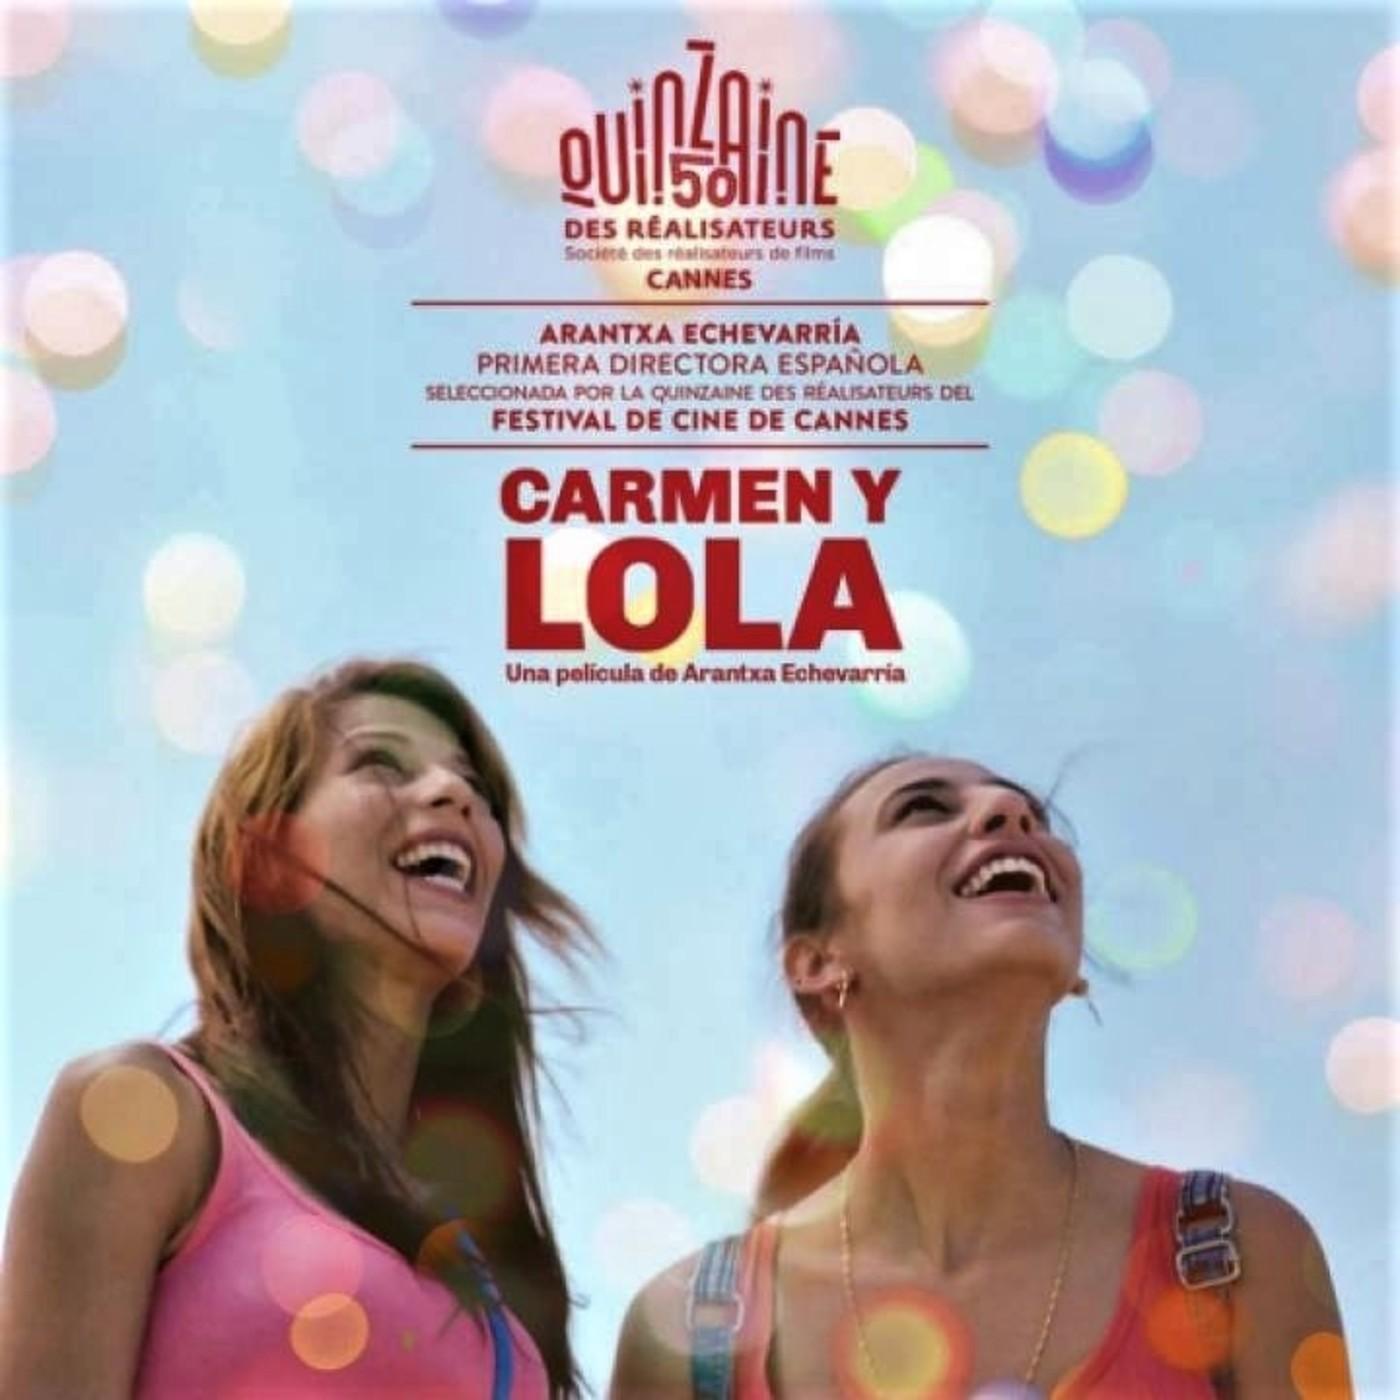 Carmen Y Lola 2018 Drama Romance Homosexualidad Peliculas Audesc Podcast En Escuchando Peliculas En Mp3 29 08 A Las 10 11 15 01 42 39 40578056 Ivoox